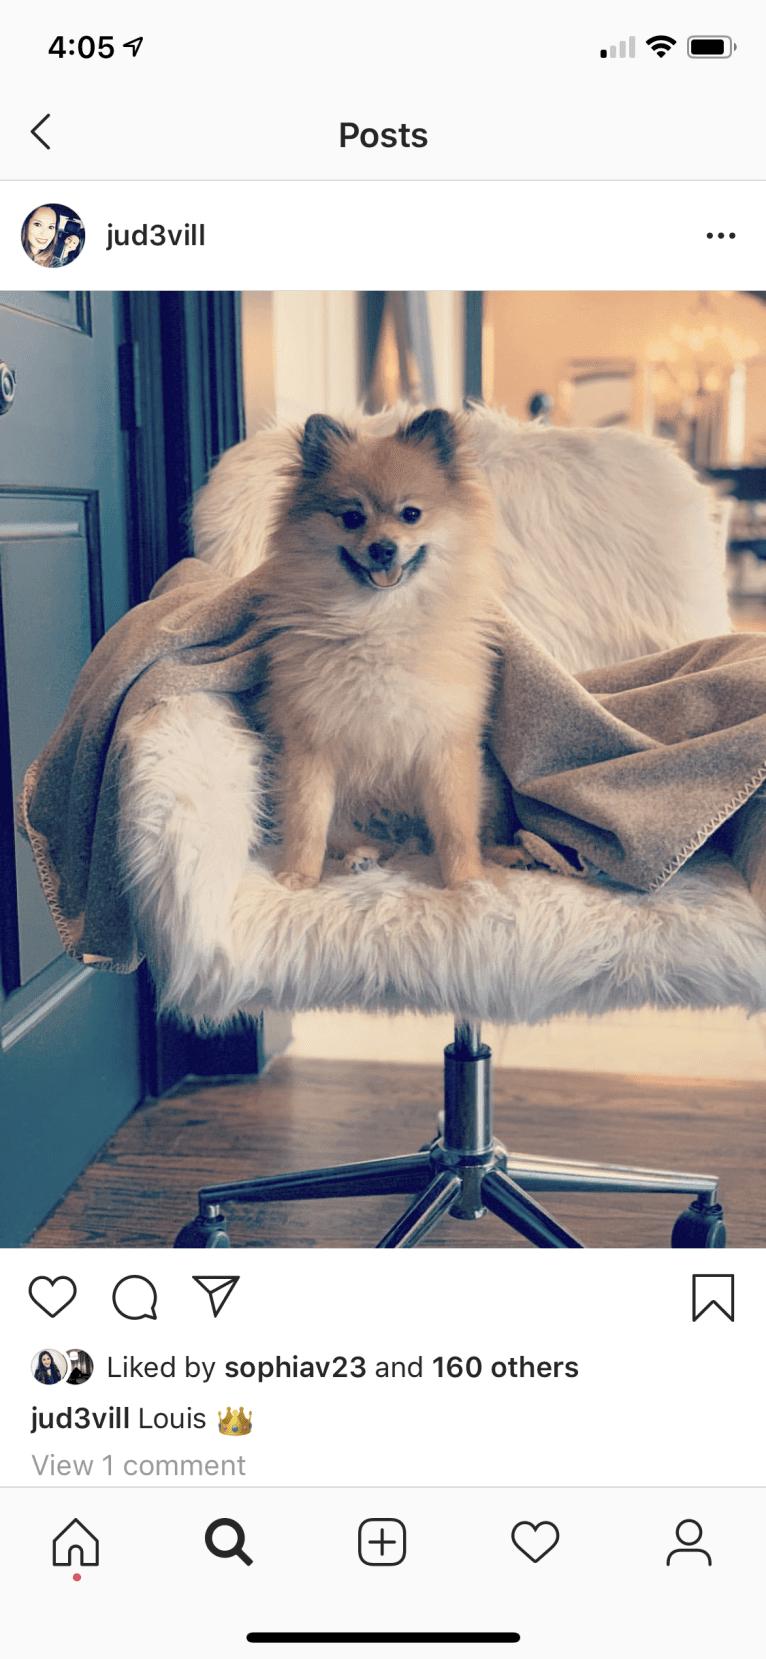 Photo of Louis, a Pomeranian  in Frisco, Texas, USA